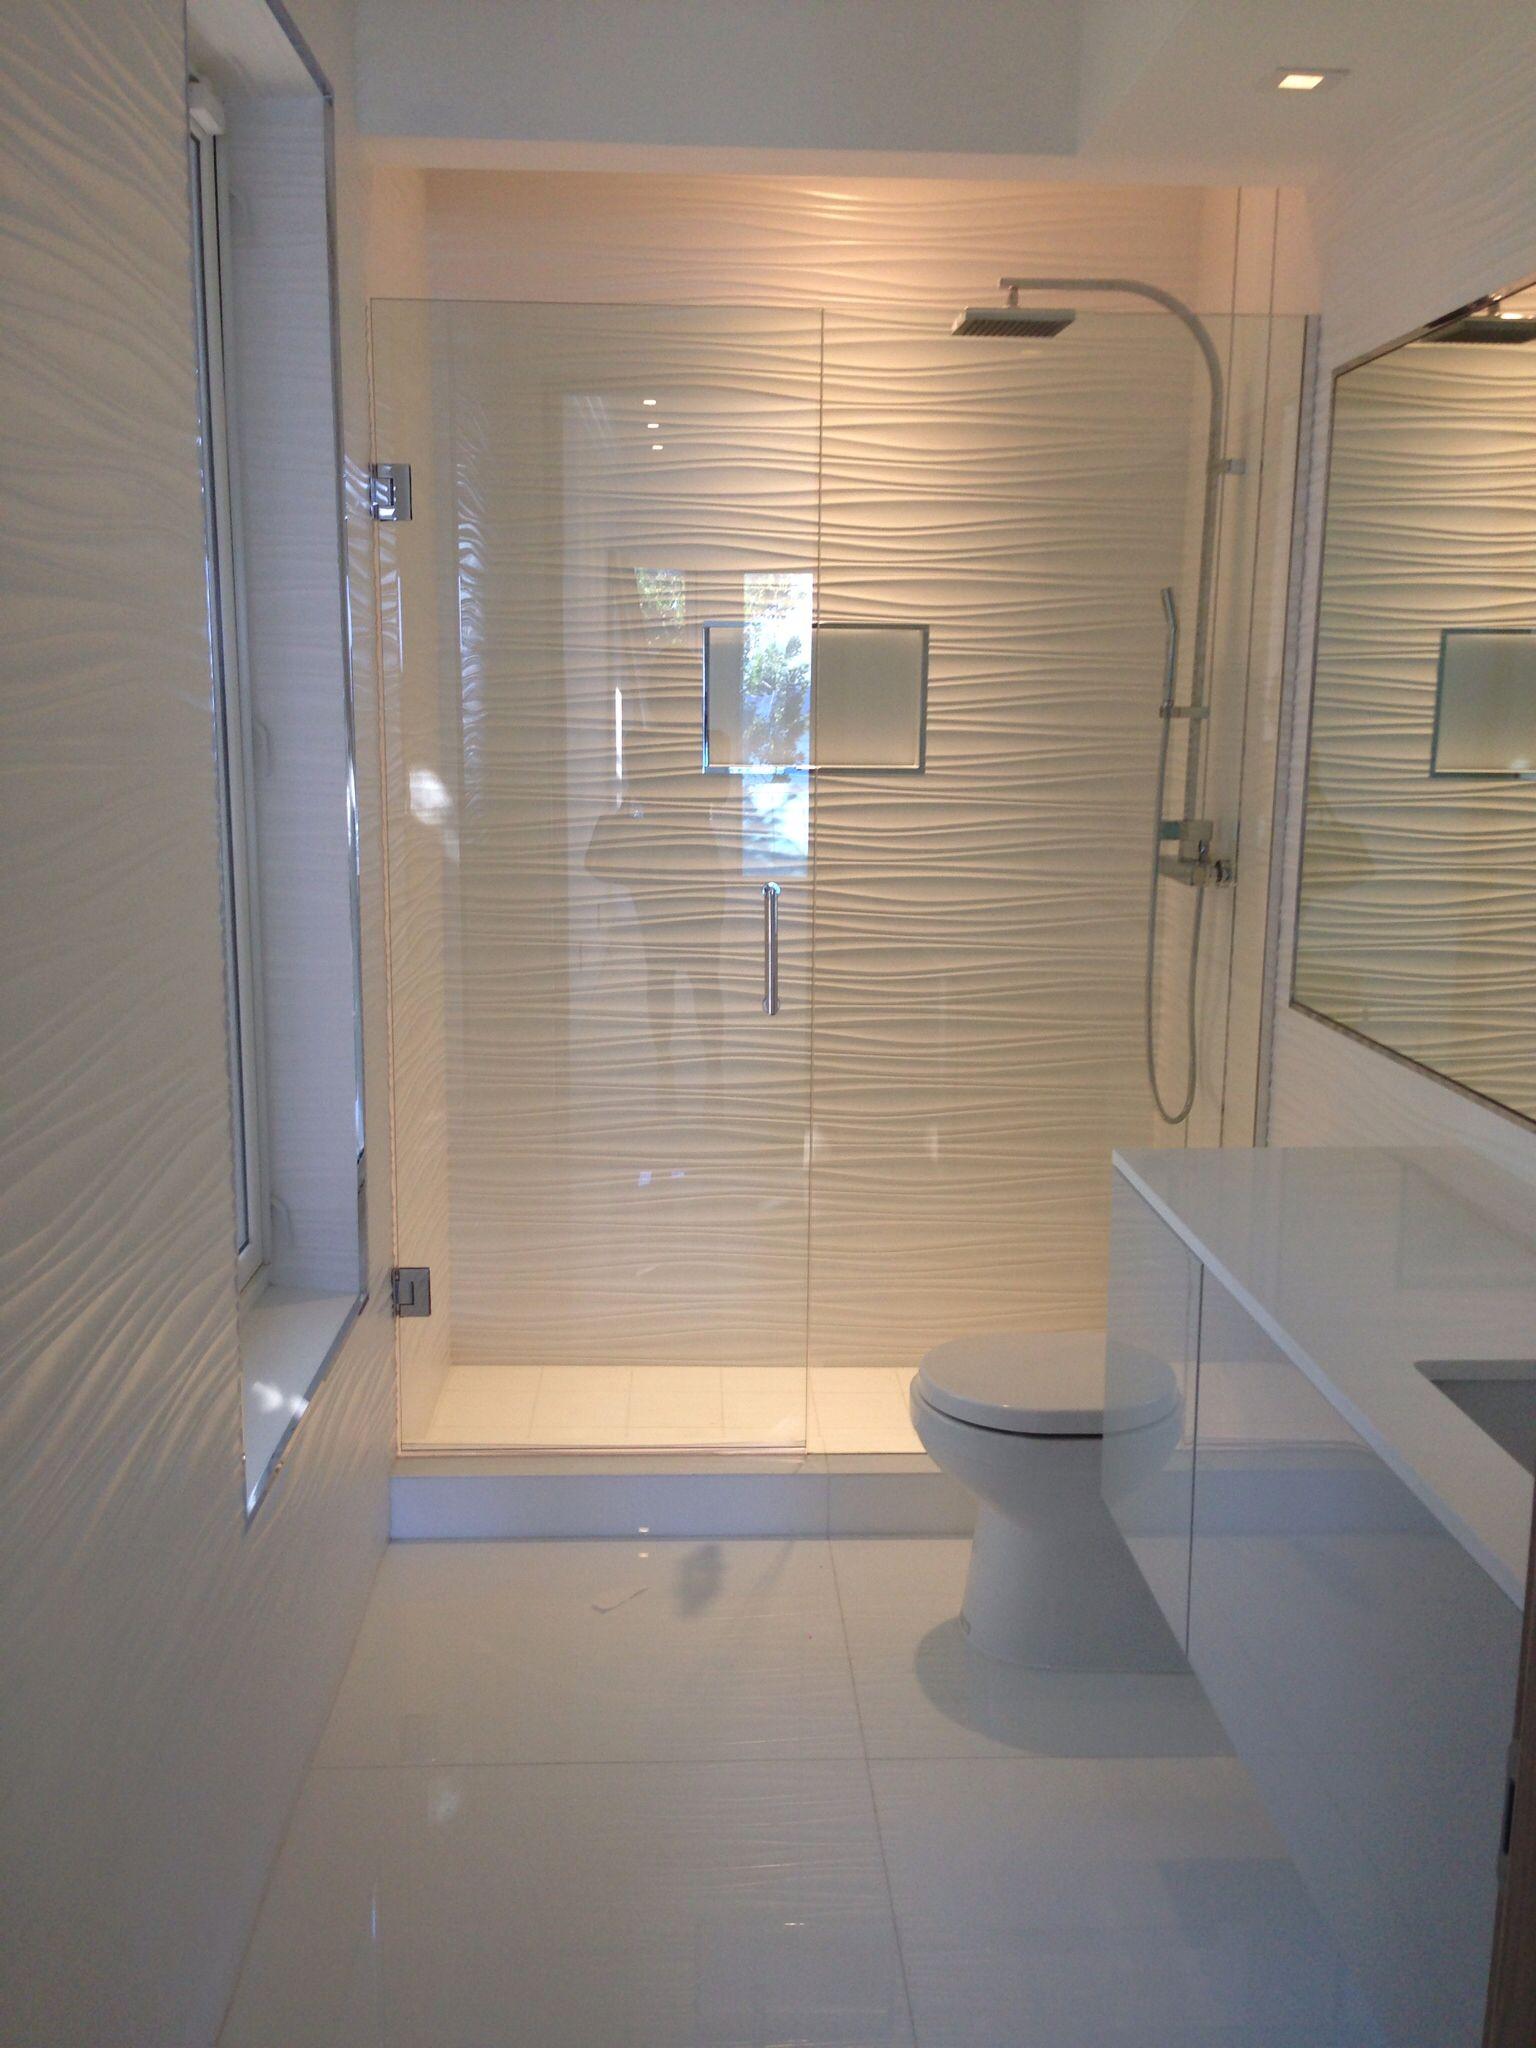 All white bathroom...gorgeous! Wall tile, toilet, vanity